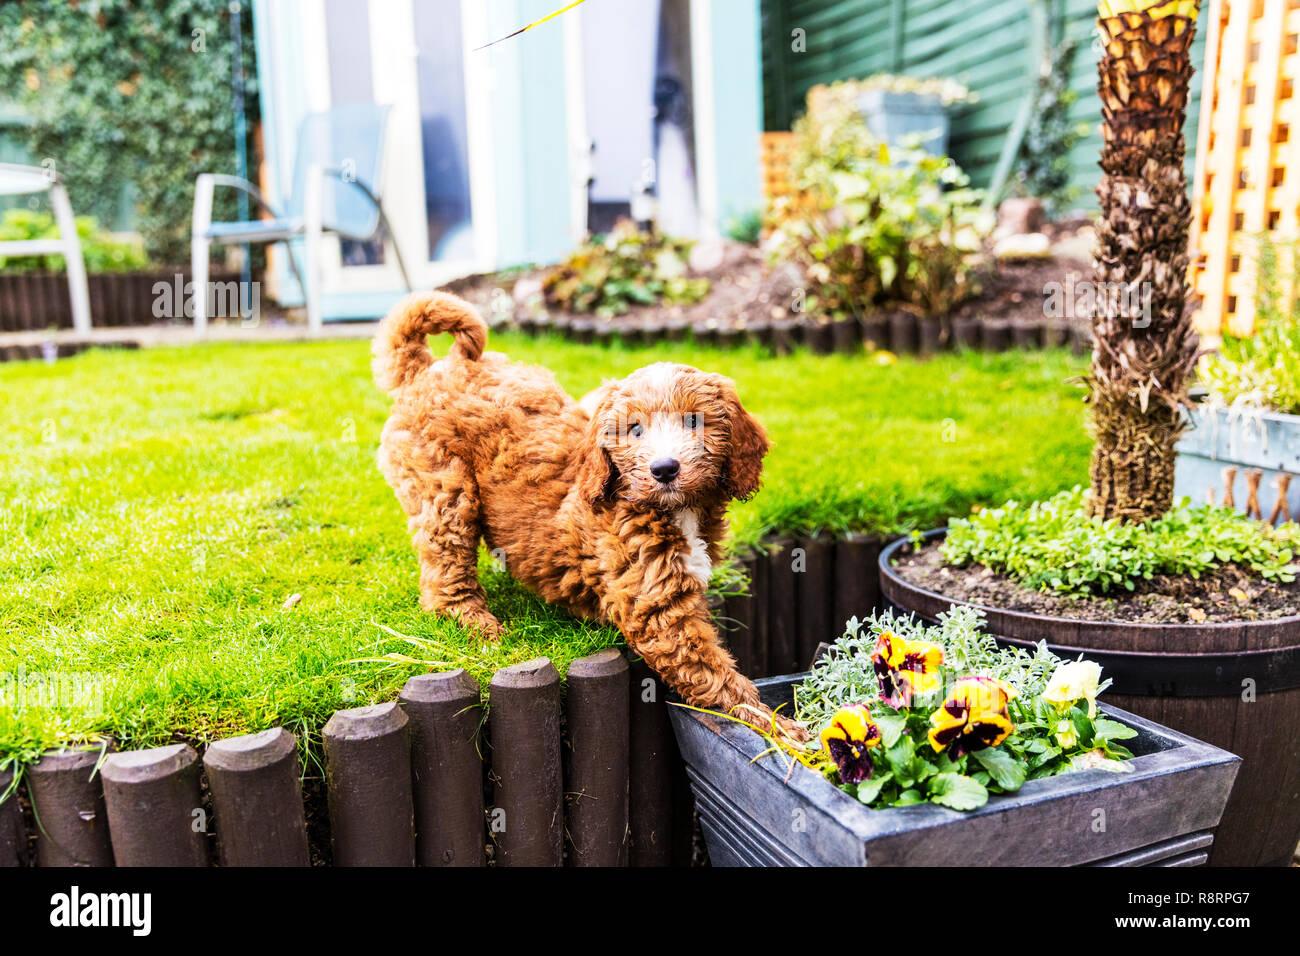 Maliziosa cane cucciolo sbarazzino, sfrontato cucciolo, sfrontato cane, cucciolo, cane, cockapoo, naughty cucciolo, naughty dog, niente di buono, cattivo, sfrontato, cucciolo Immagini Stock